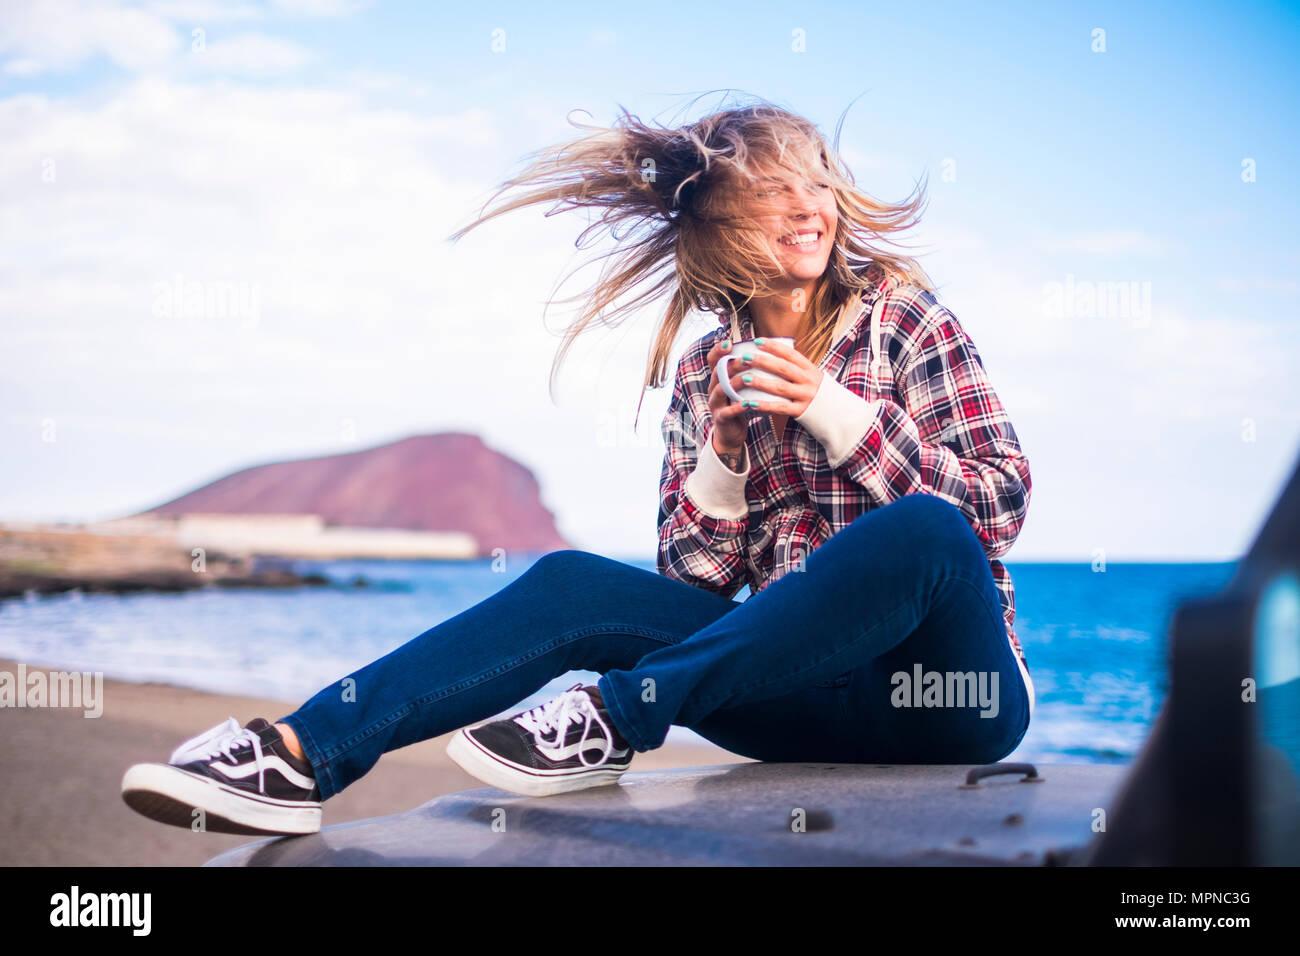 Freiheit und Ferienhäuser Konzept für schöne Blondine kaukasischen junge Frau sitzen auf der Nase von einem off road Black Car. Hintergrundbeleuchtung und Sonnenlicht in wa Stockbild